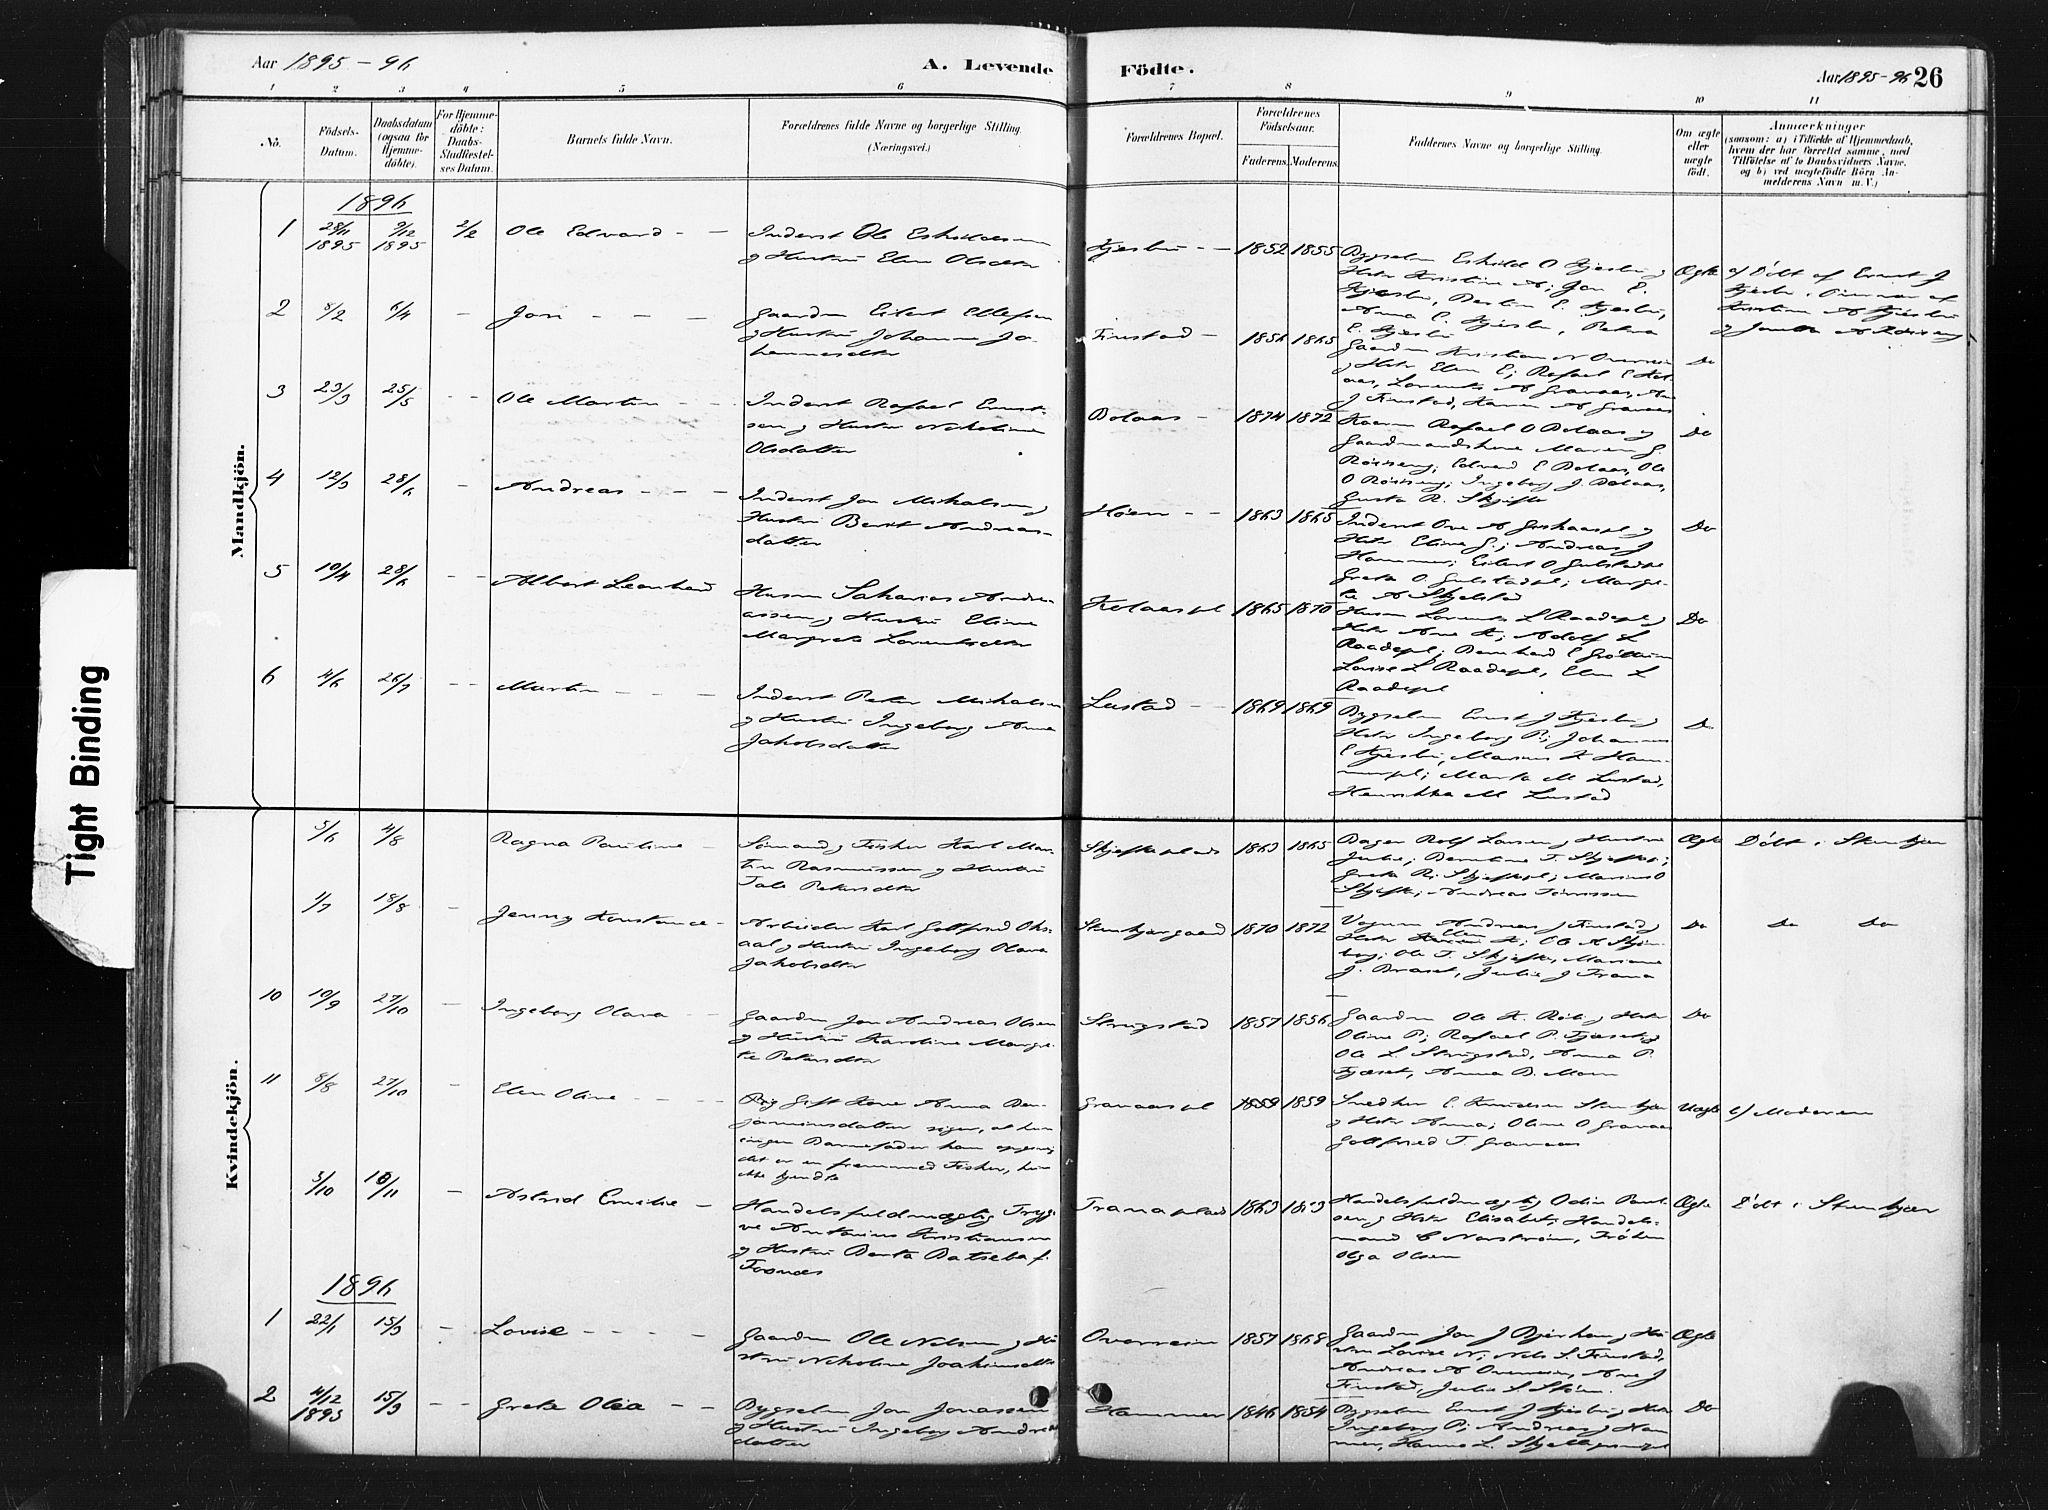 SAT, Ministerialprotokoller, klokkerbøker og fødselsregistre - Nord-Trøndelag, 736/L0361: Ministerialbok nr. 736A01, 1884-1906, s. 26